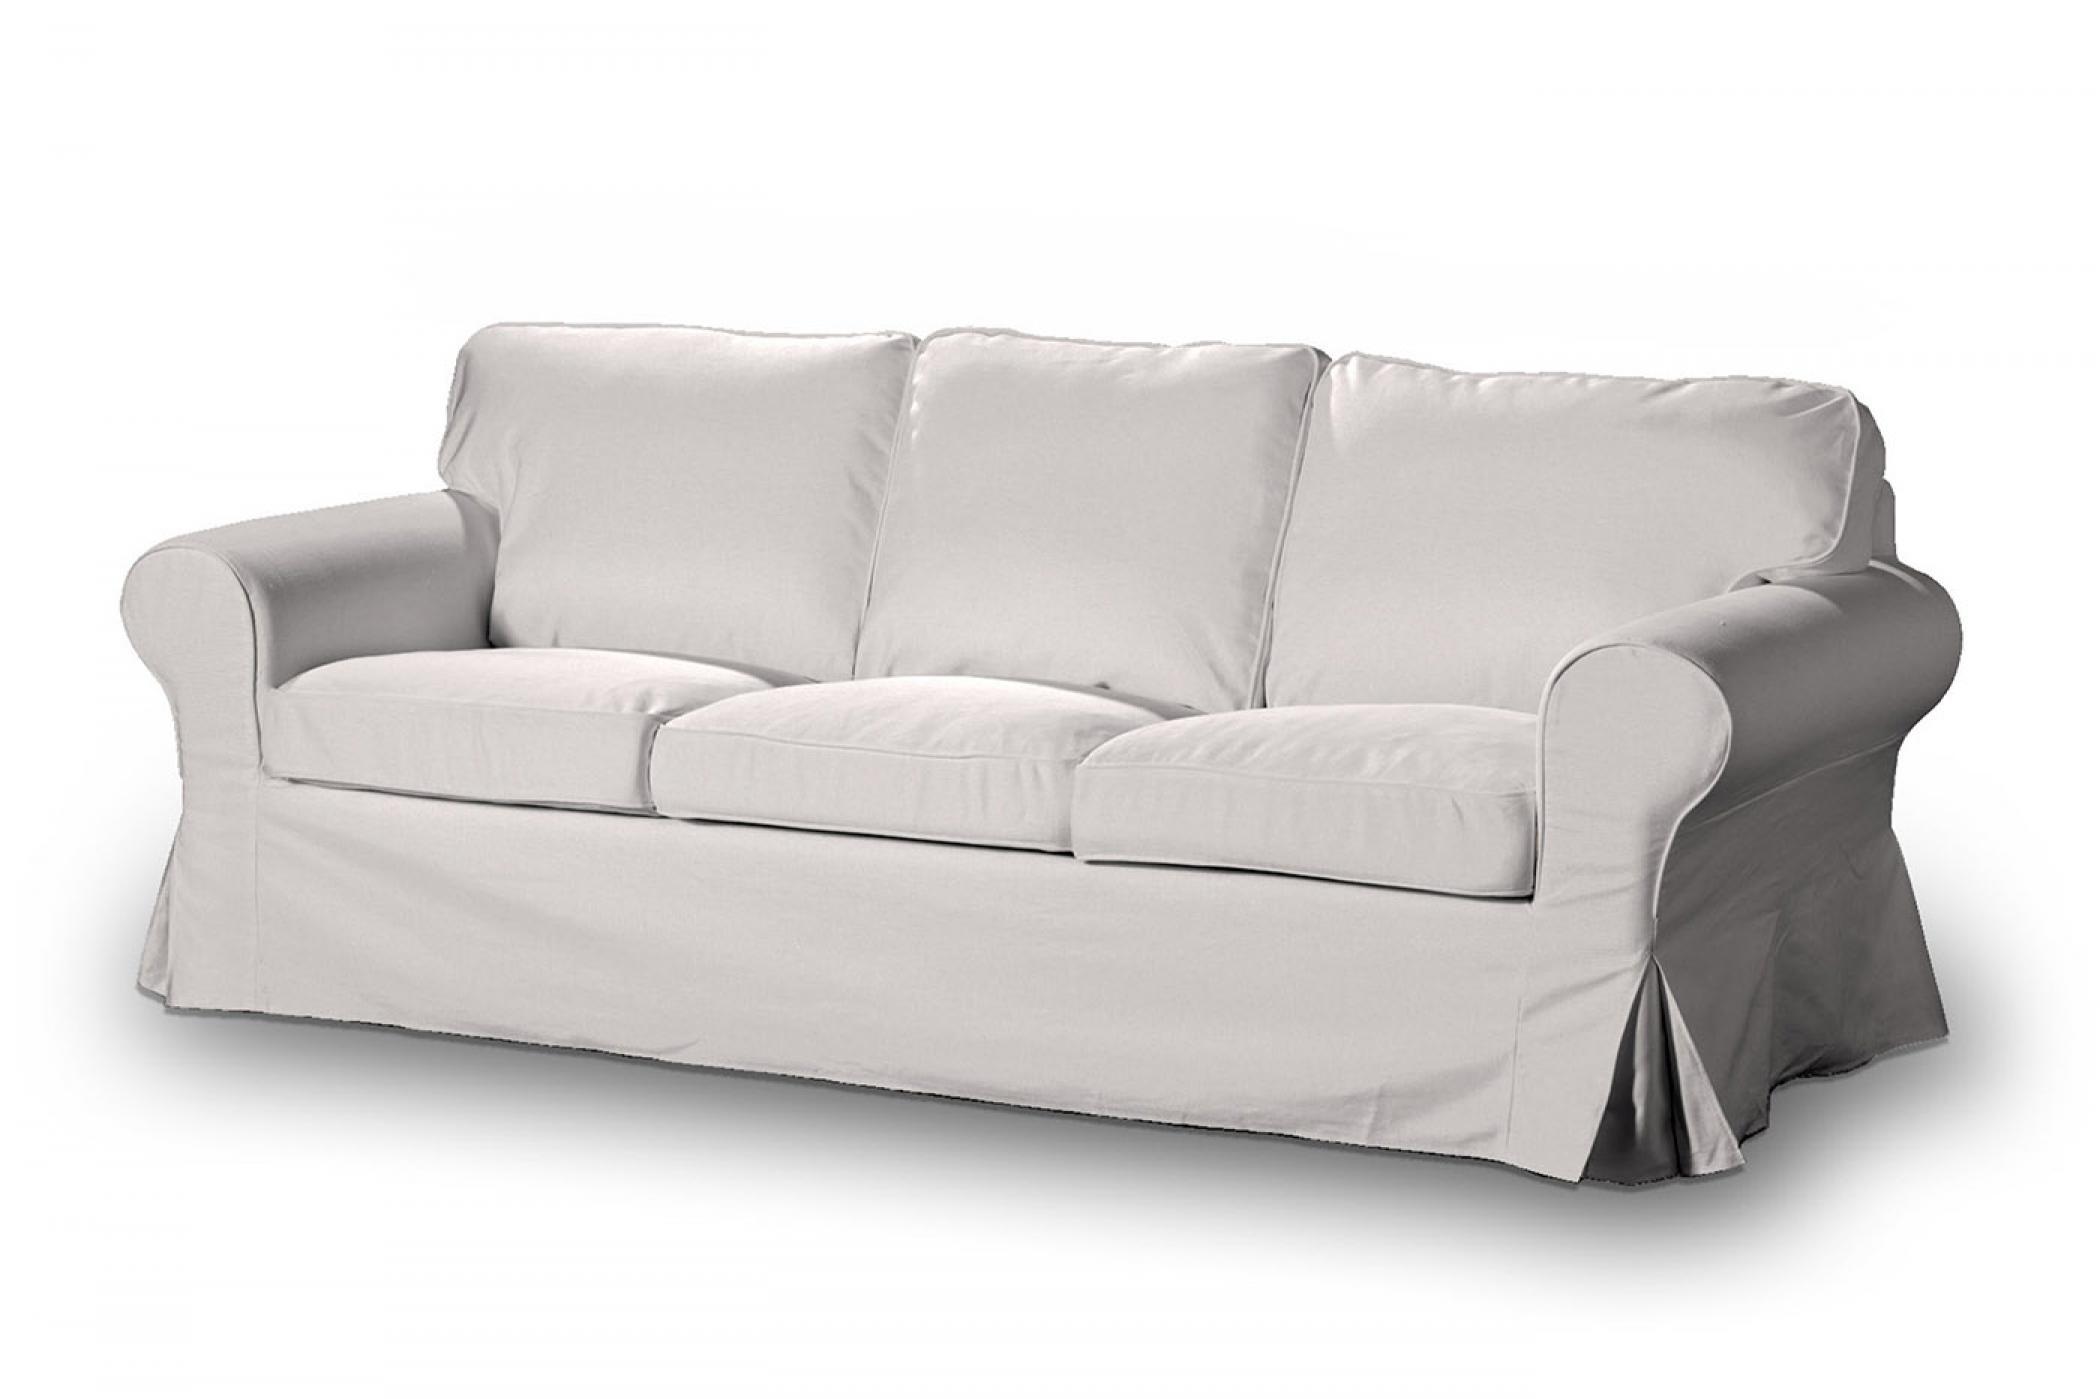 Ikea Canape Lit Convertible Novocom Top